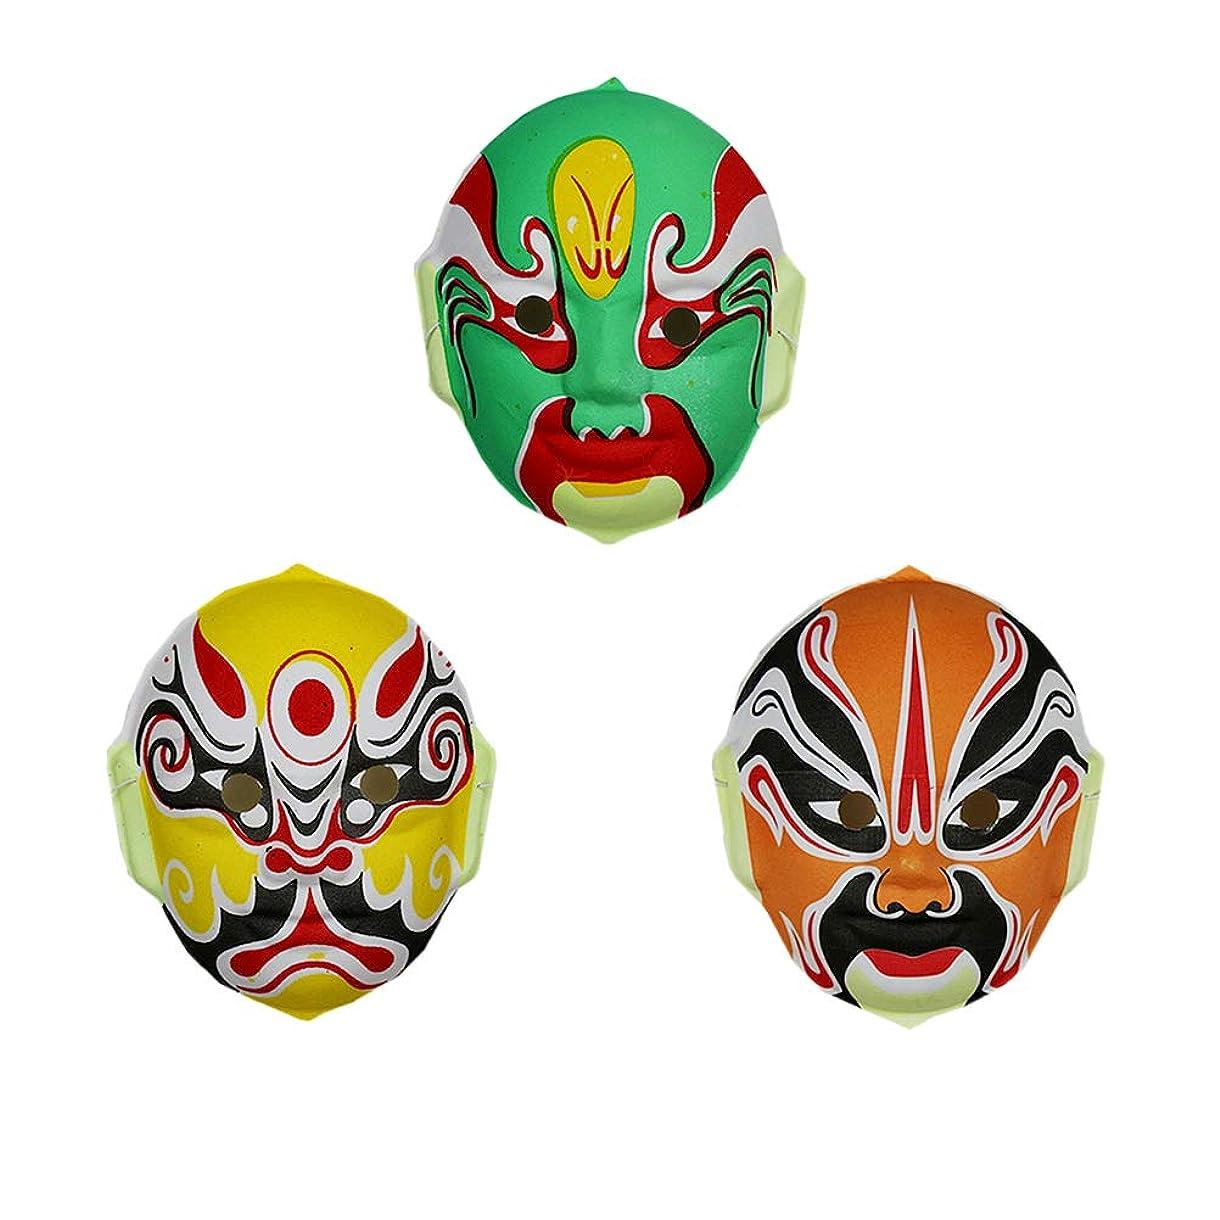 振るうジャンピングジャック粒子TINKSKY 3本 中国 オペラマスク 伝統オペラマスク ハロウィーン コスプレ小道具 パーティー用品 (ランダムスタイル)